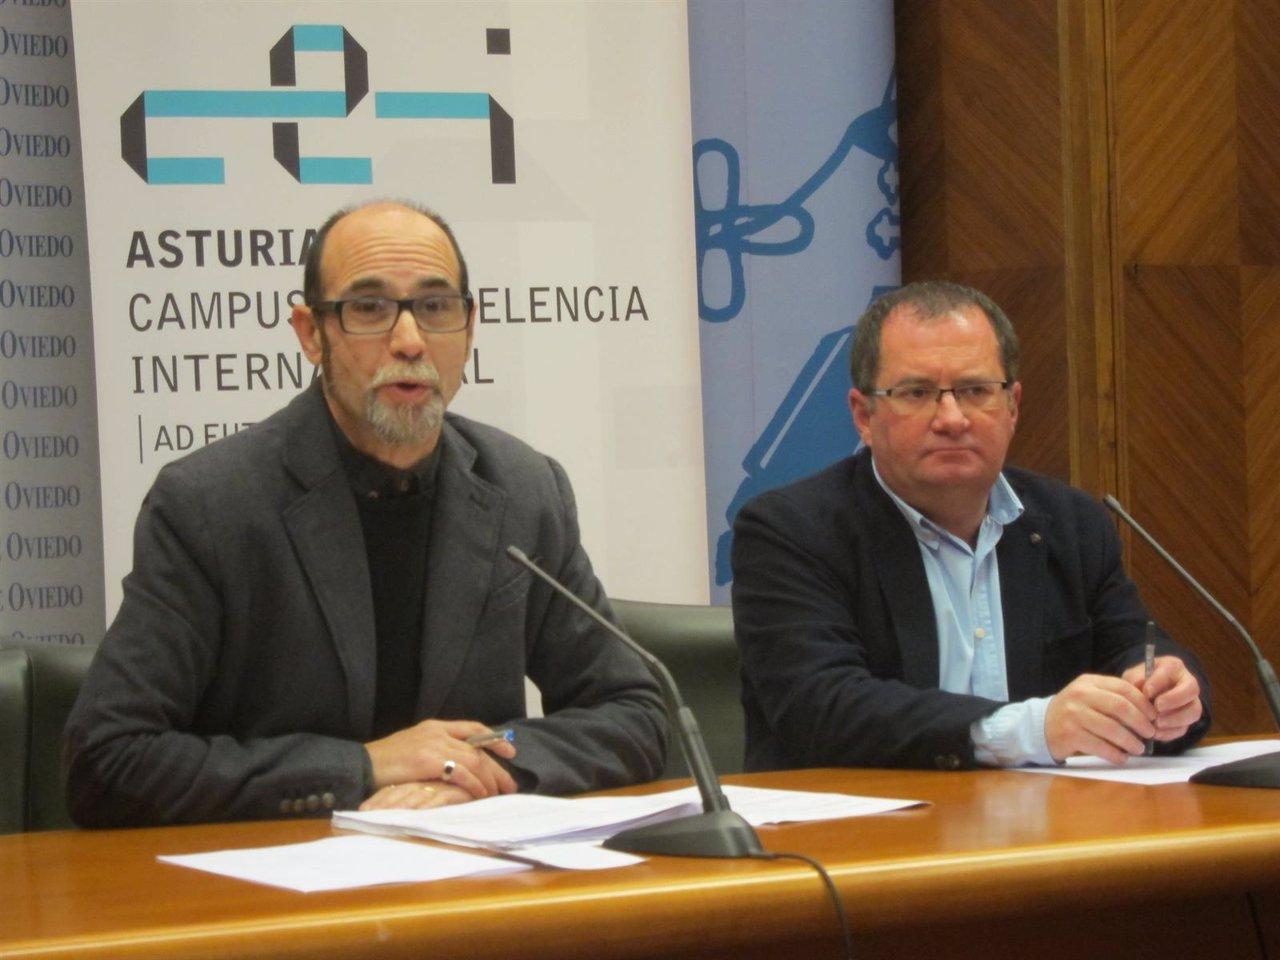 El director de la Cátedra y el vicerrector de Extensión Universitaria